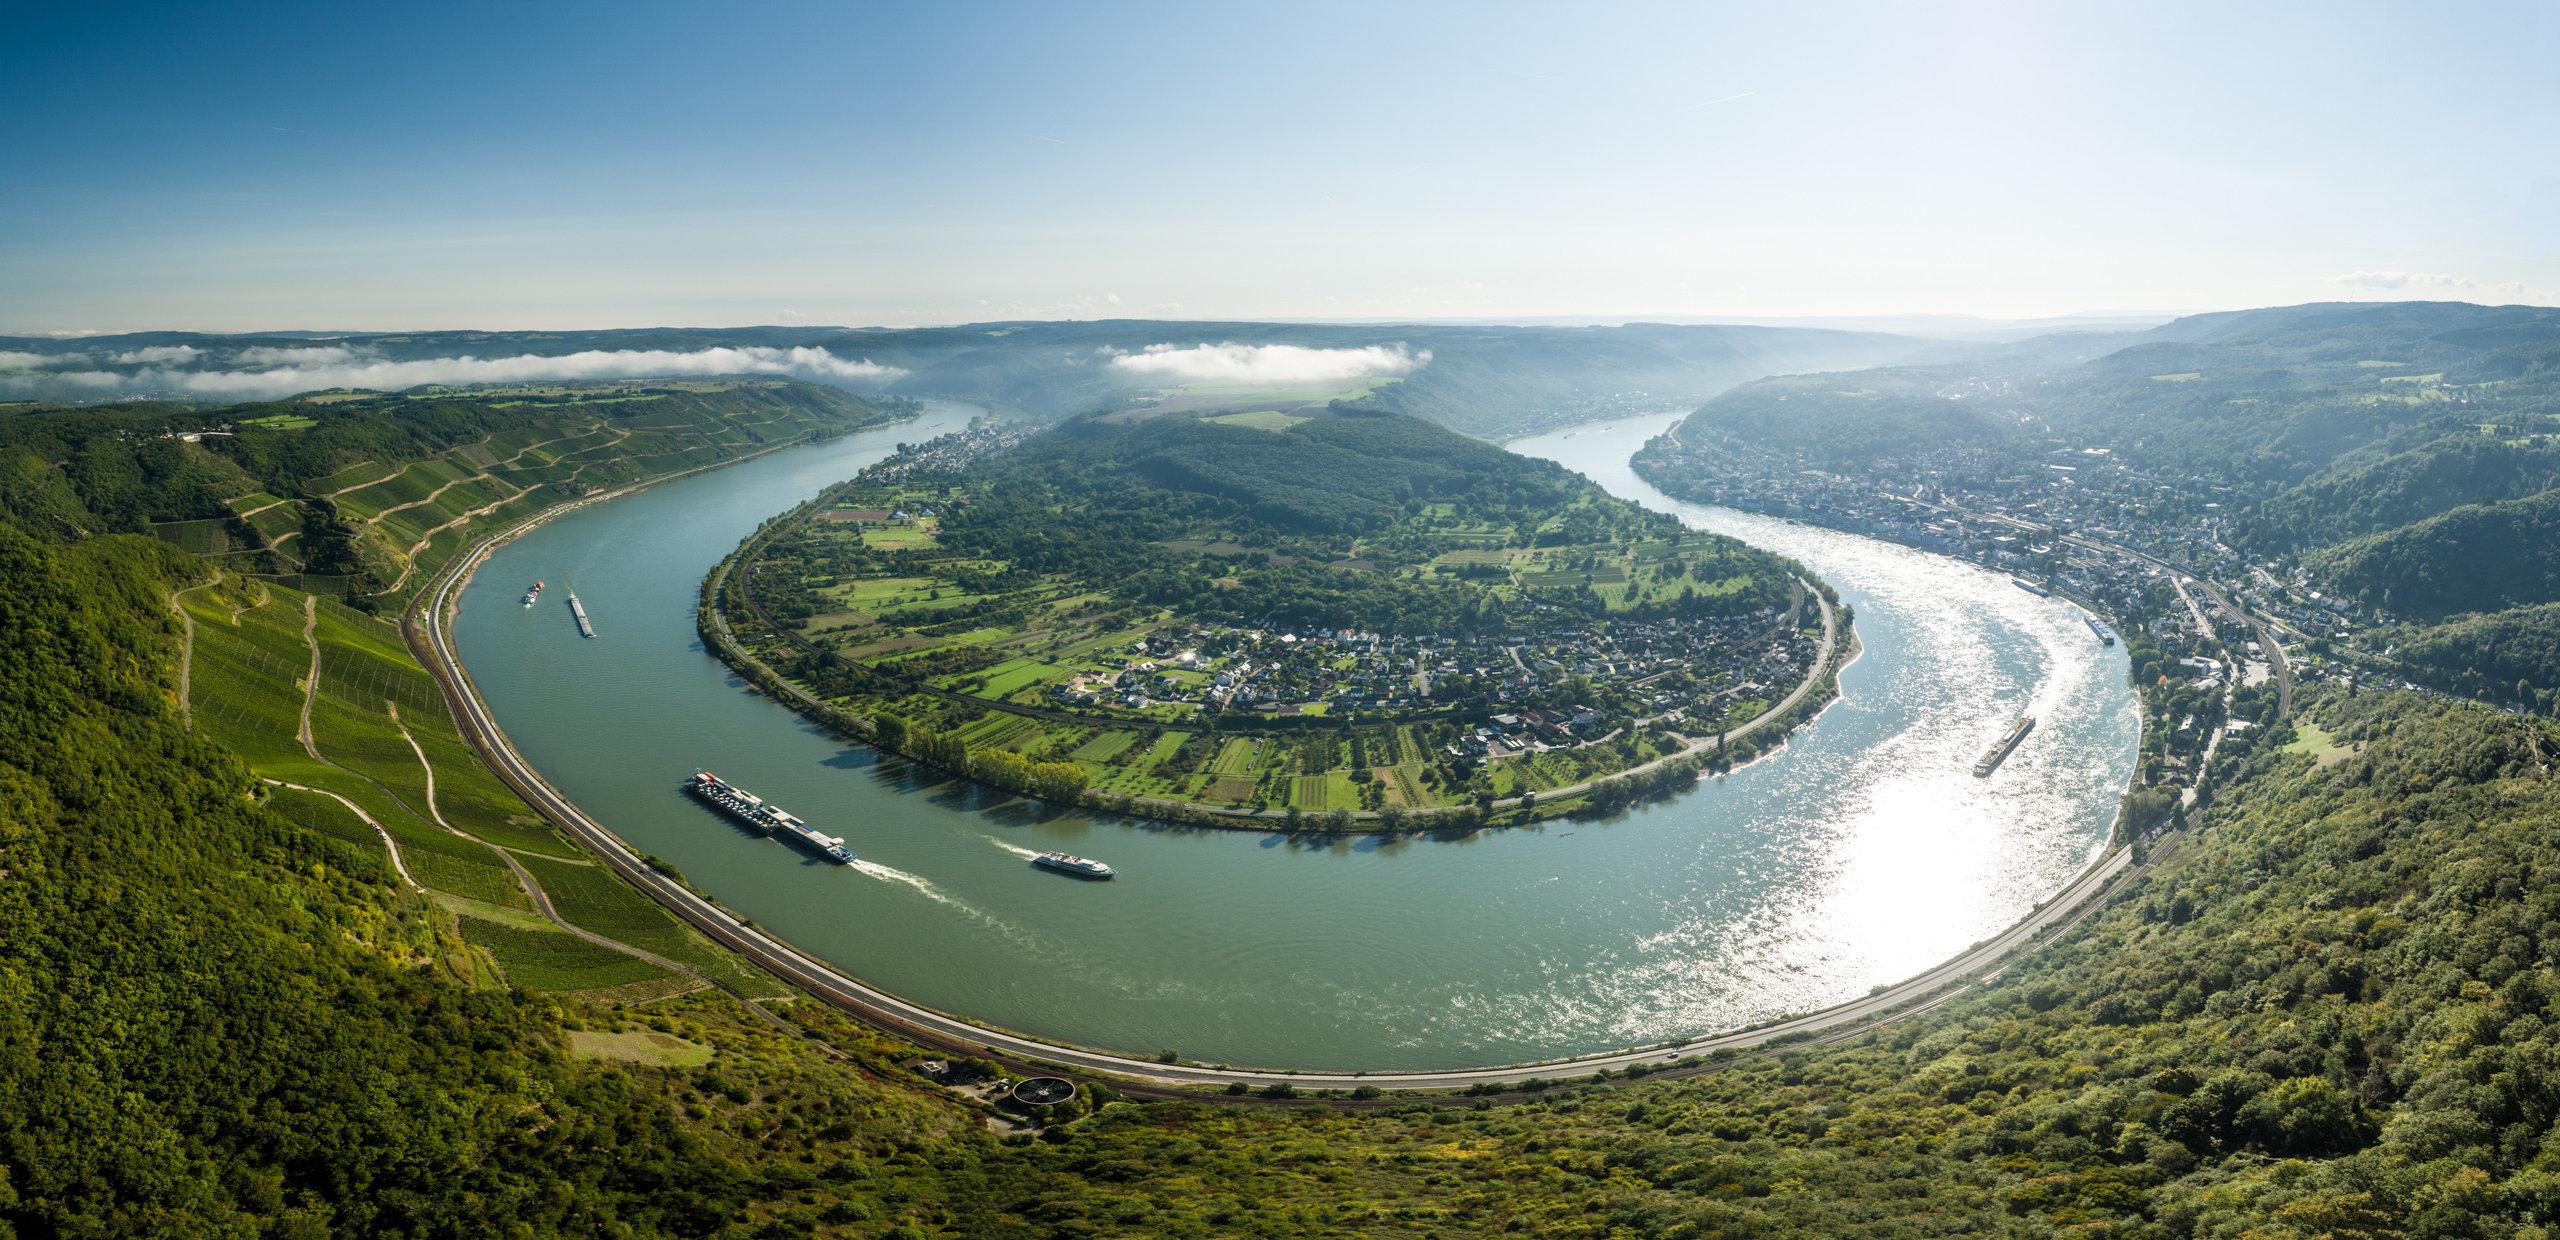 Uitzicht op de Rijnbocht bij Boppard, Romantische Rijn